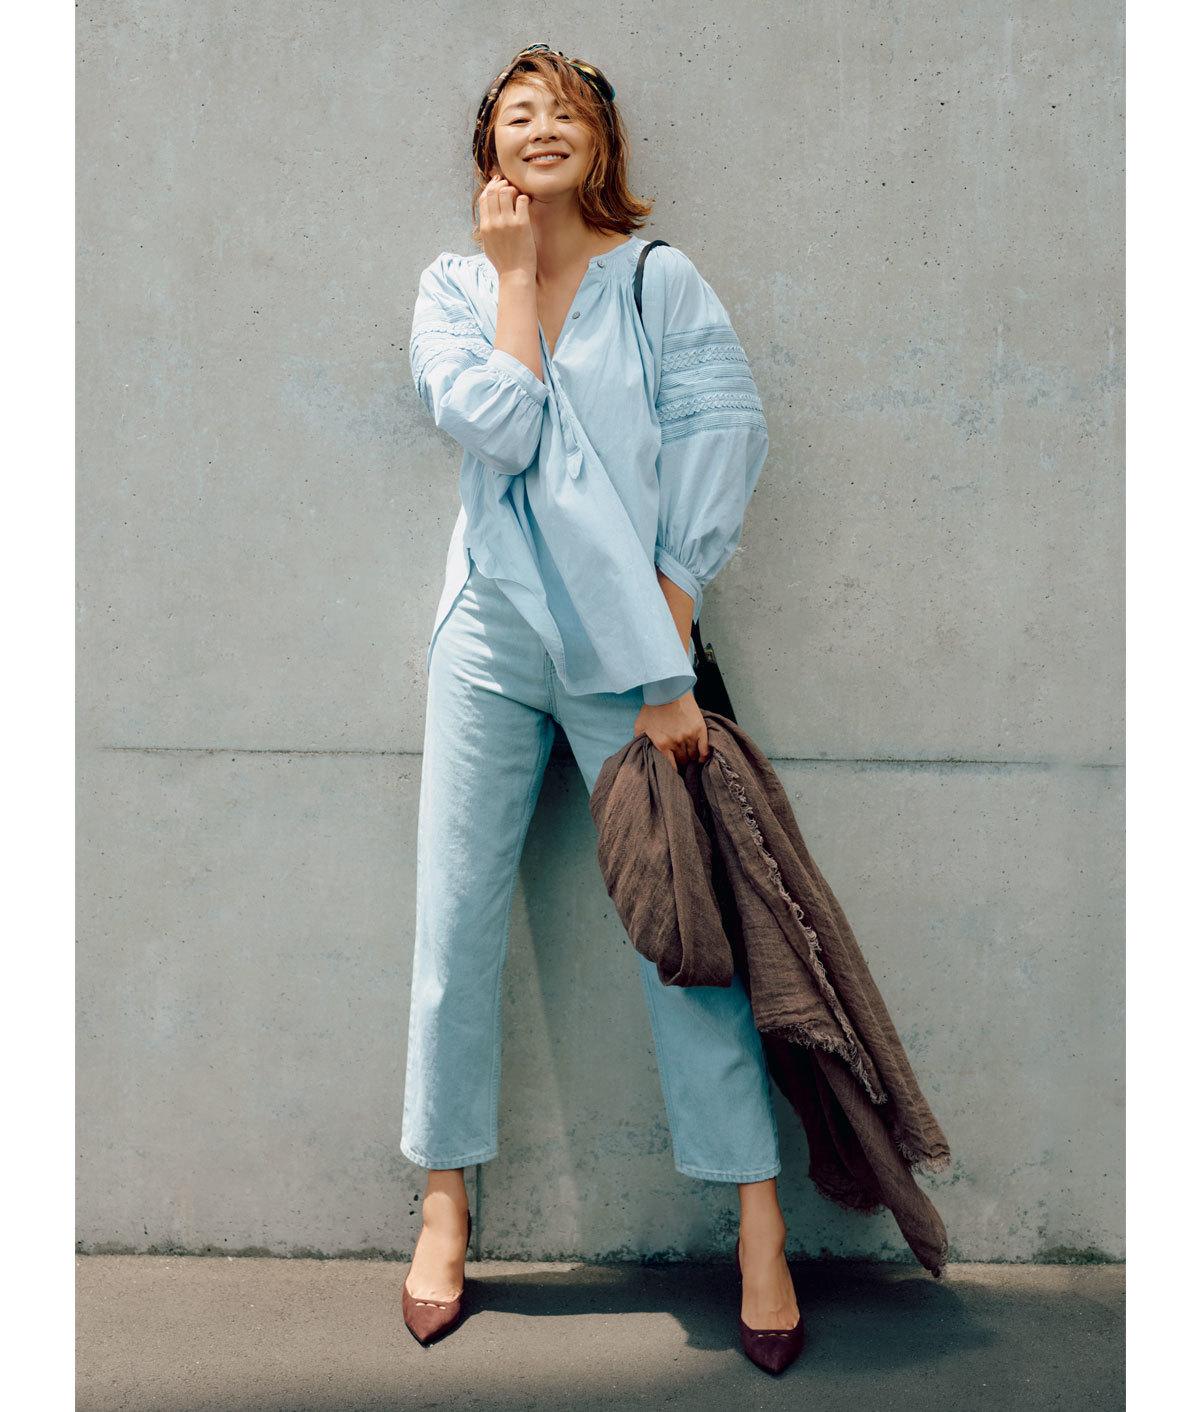 ペールブルーのブラウス&パンツのワントーンコーデを着たモデルSHIHO